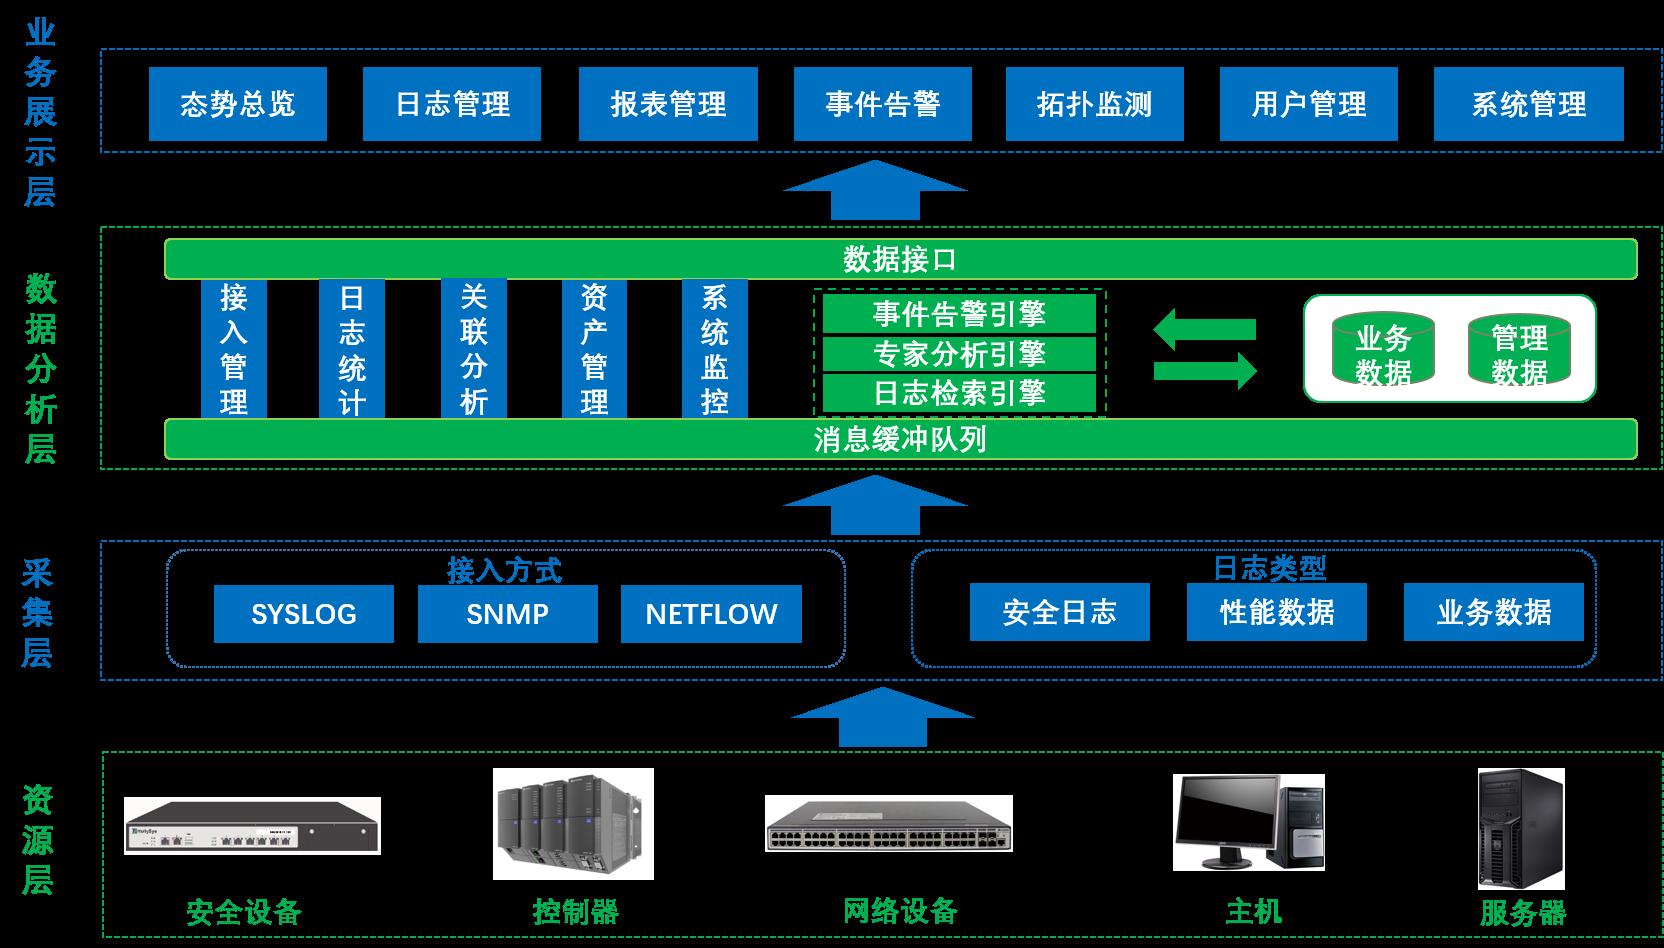 和利时HOLLiSec-SMP工业网络安全综合管理平台